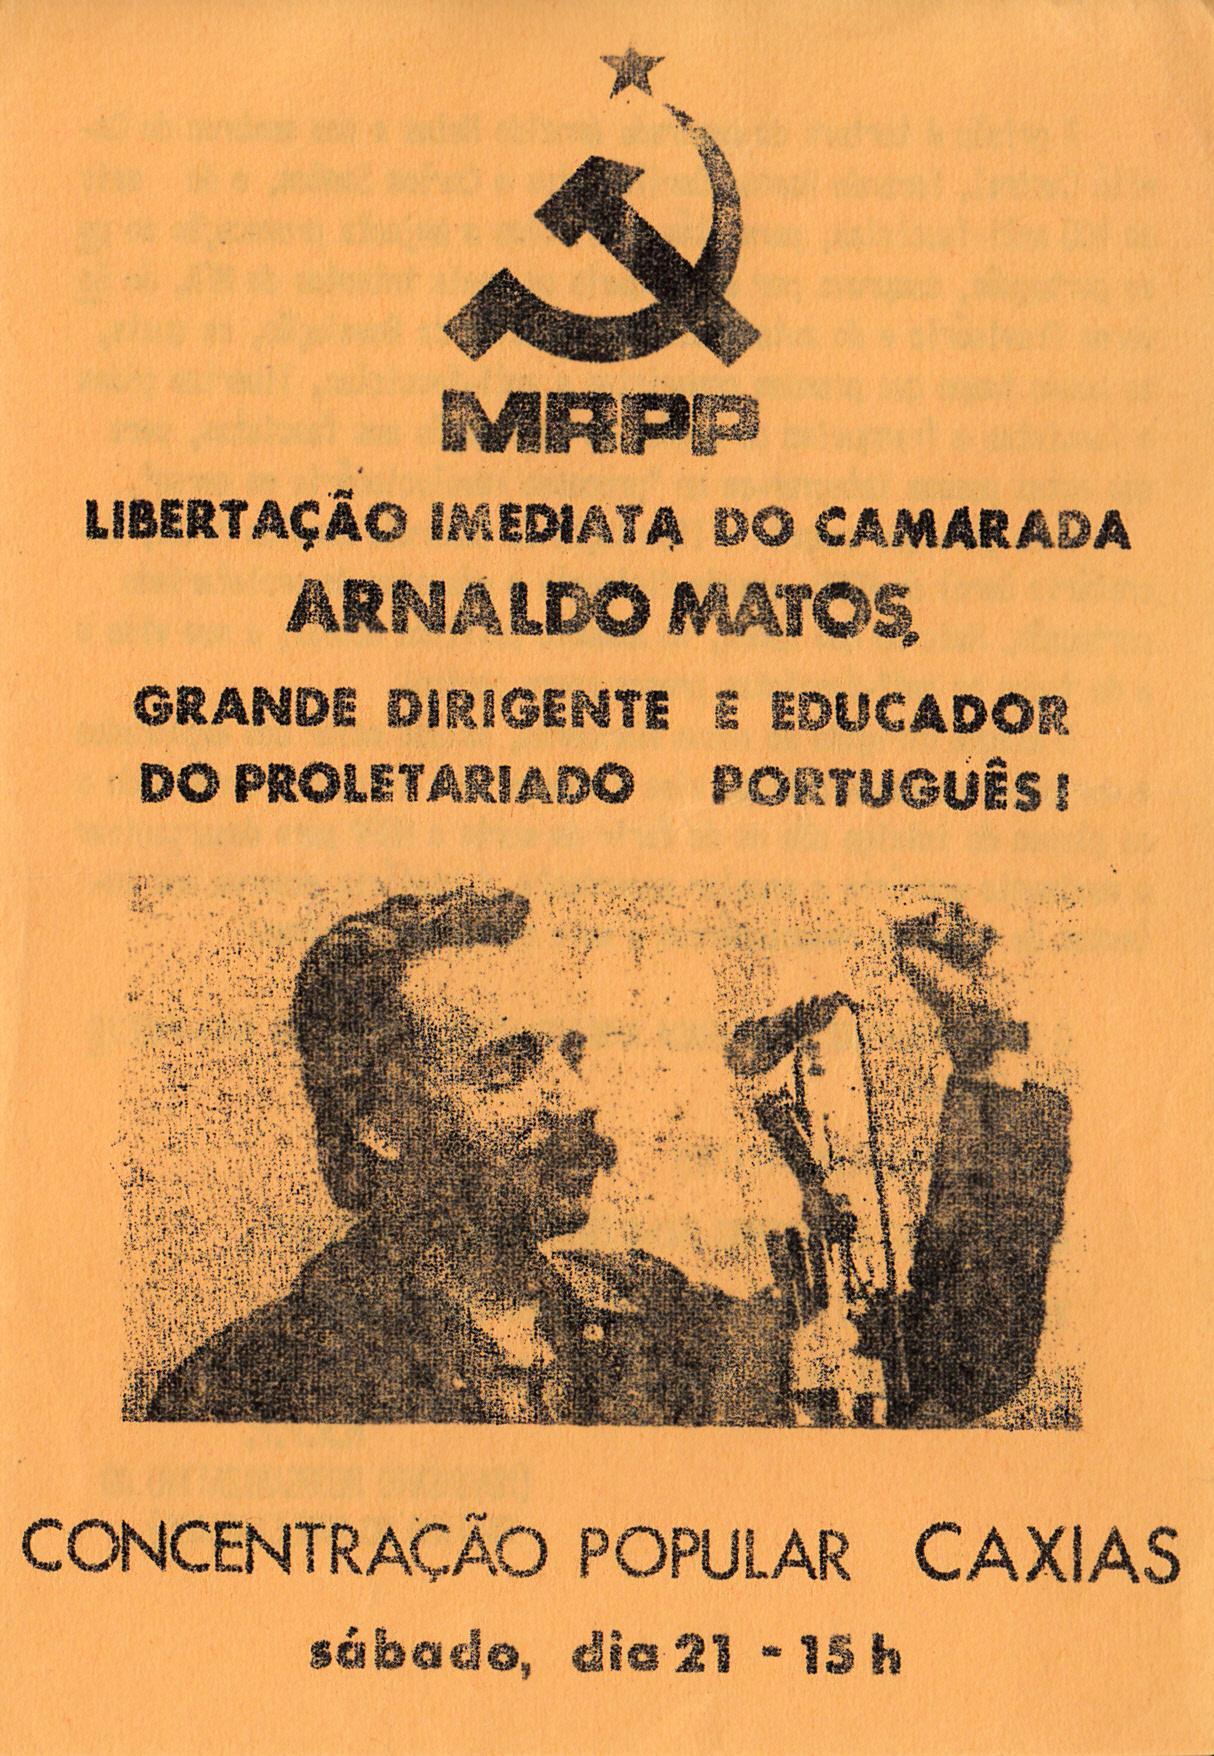 MRPP_1975_06_21_x_0001